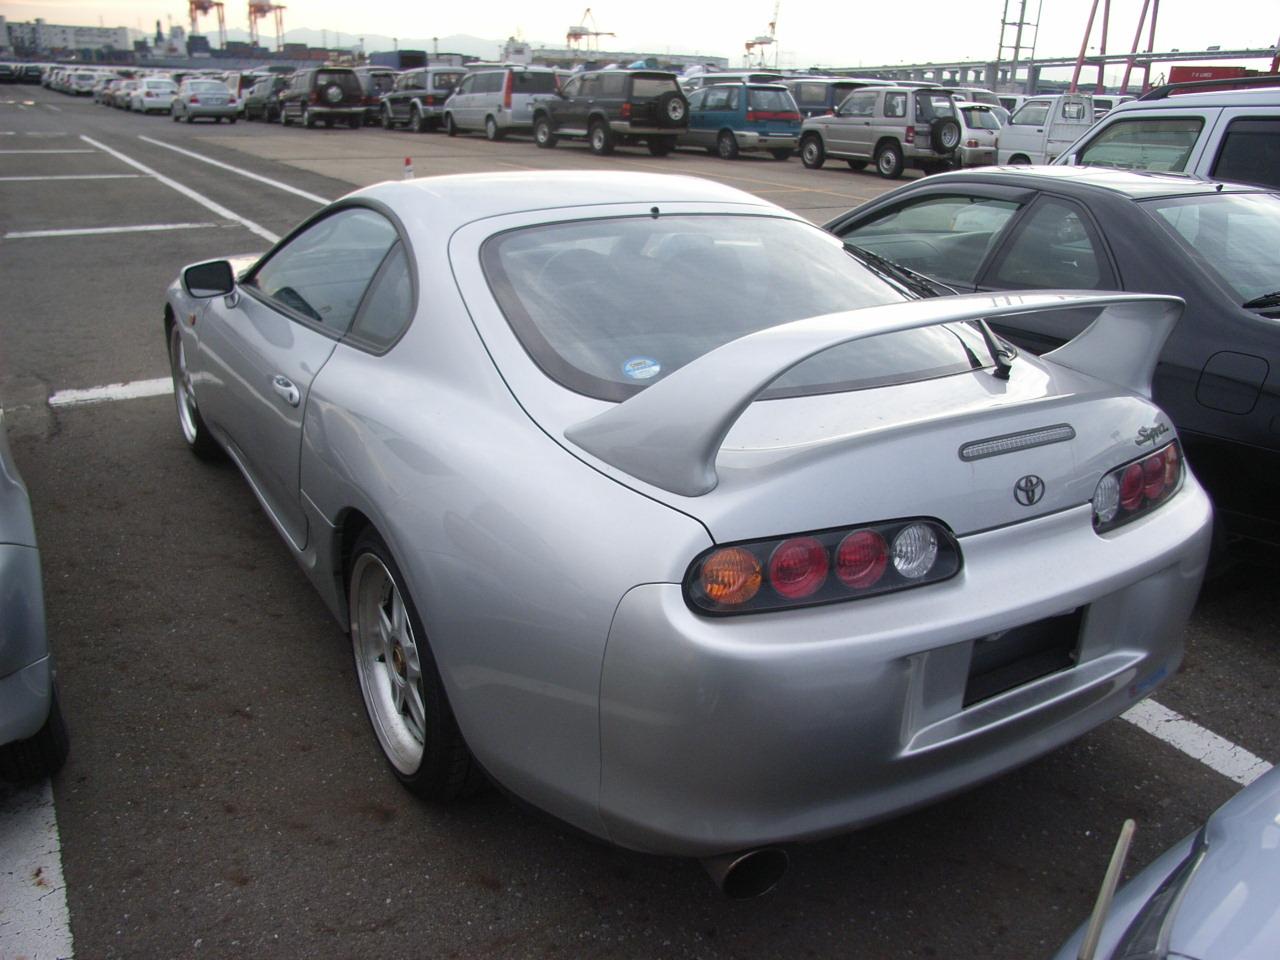 1995 Toyota Supra RZ-S 3L twin turbo rear